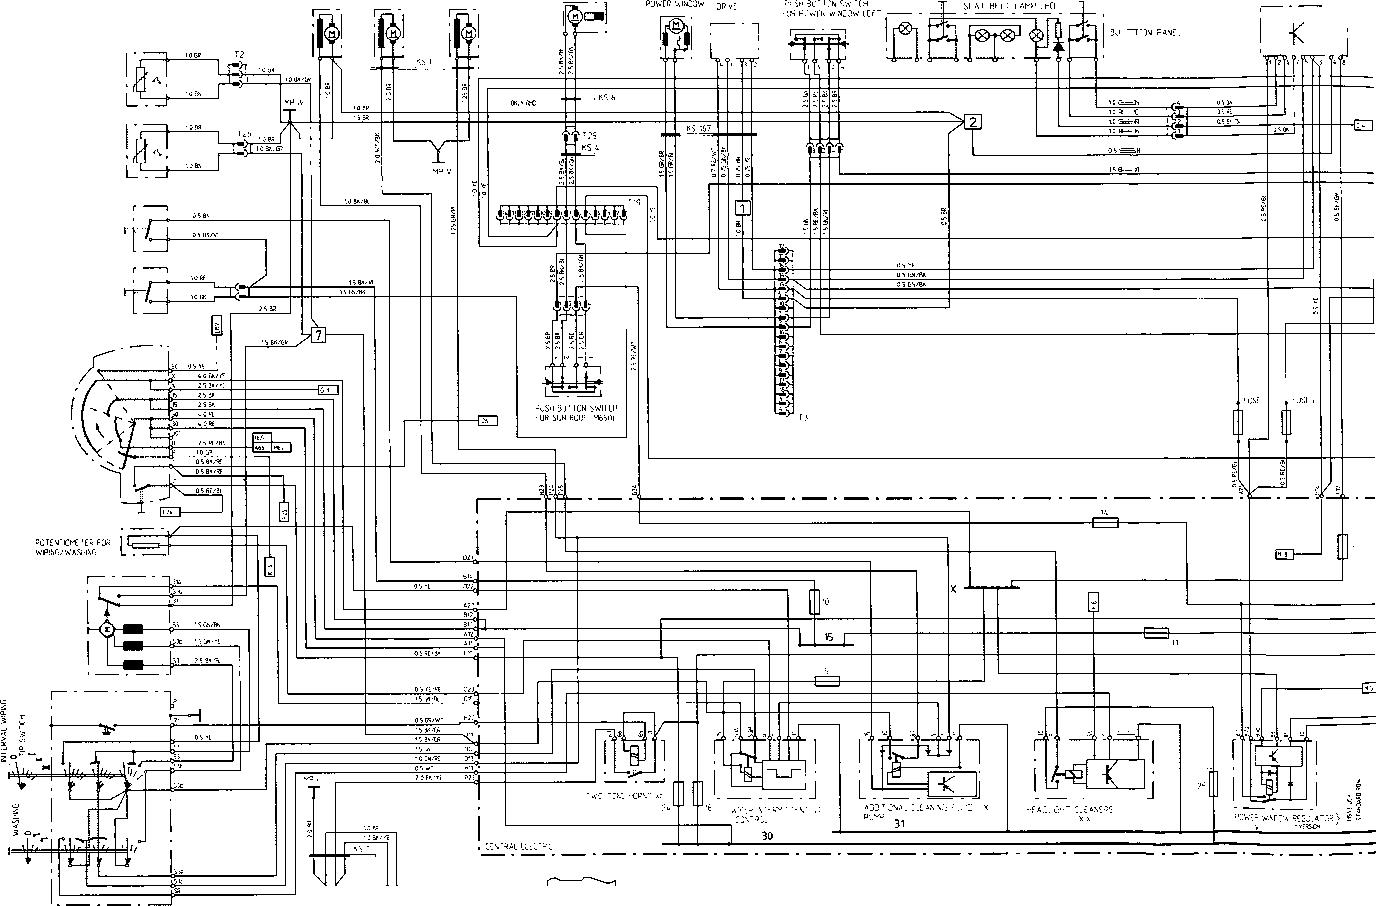 porsche 928 door diagram auto electrical wiring diagramporsche 928 door diagram